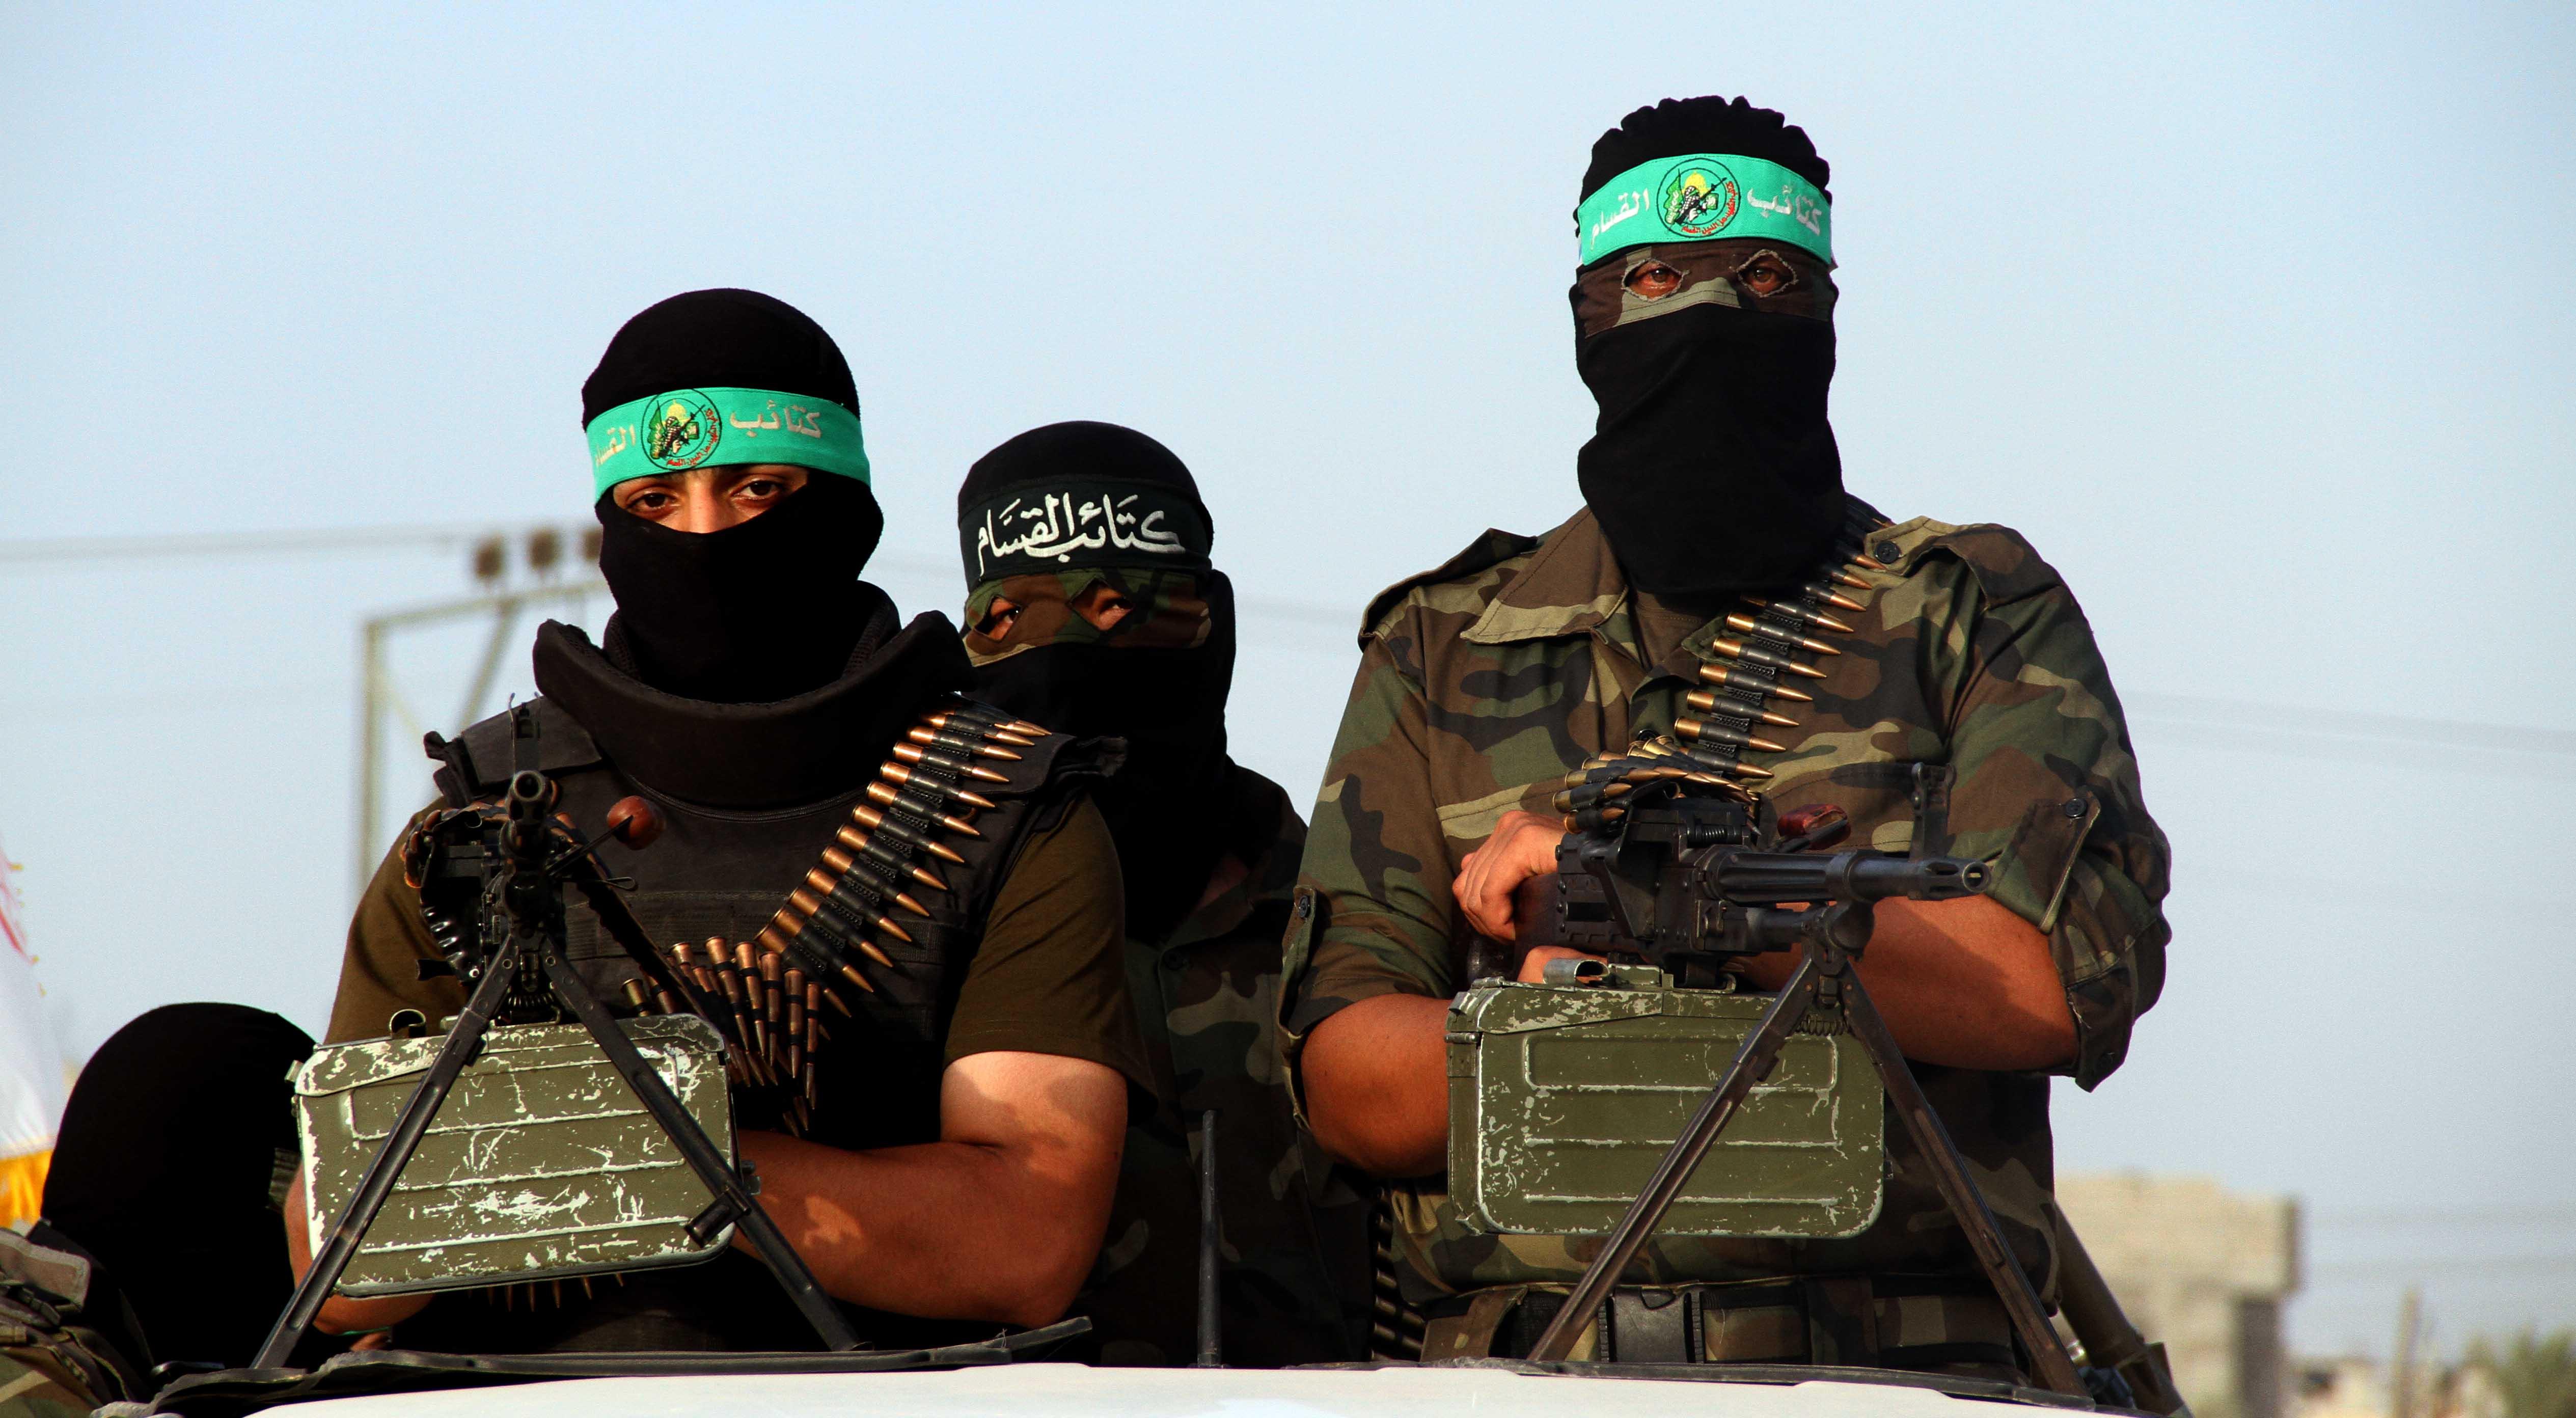 القسام سيكشف تفاصيل من عملية احتجاز شاليط